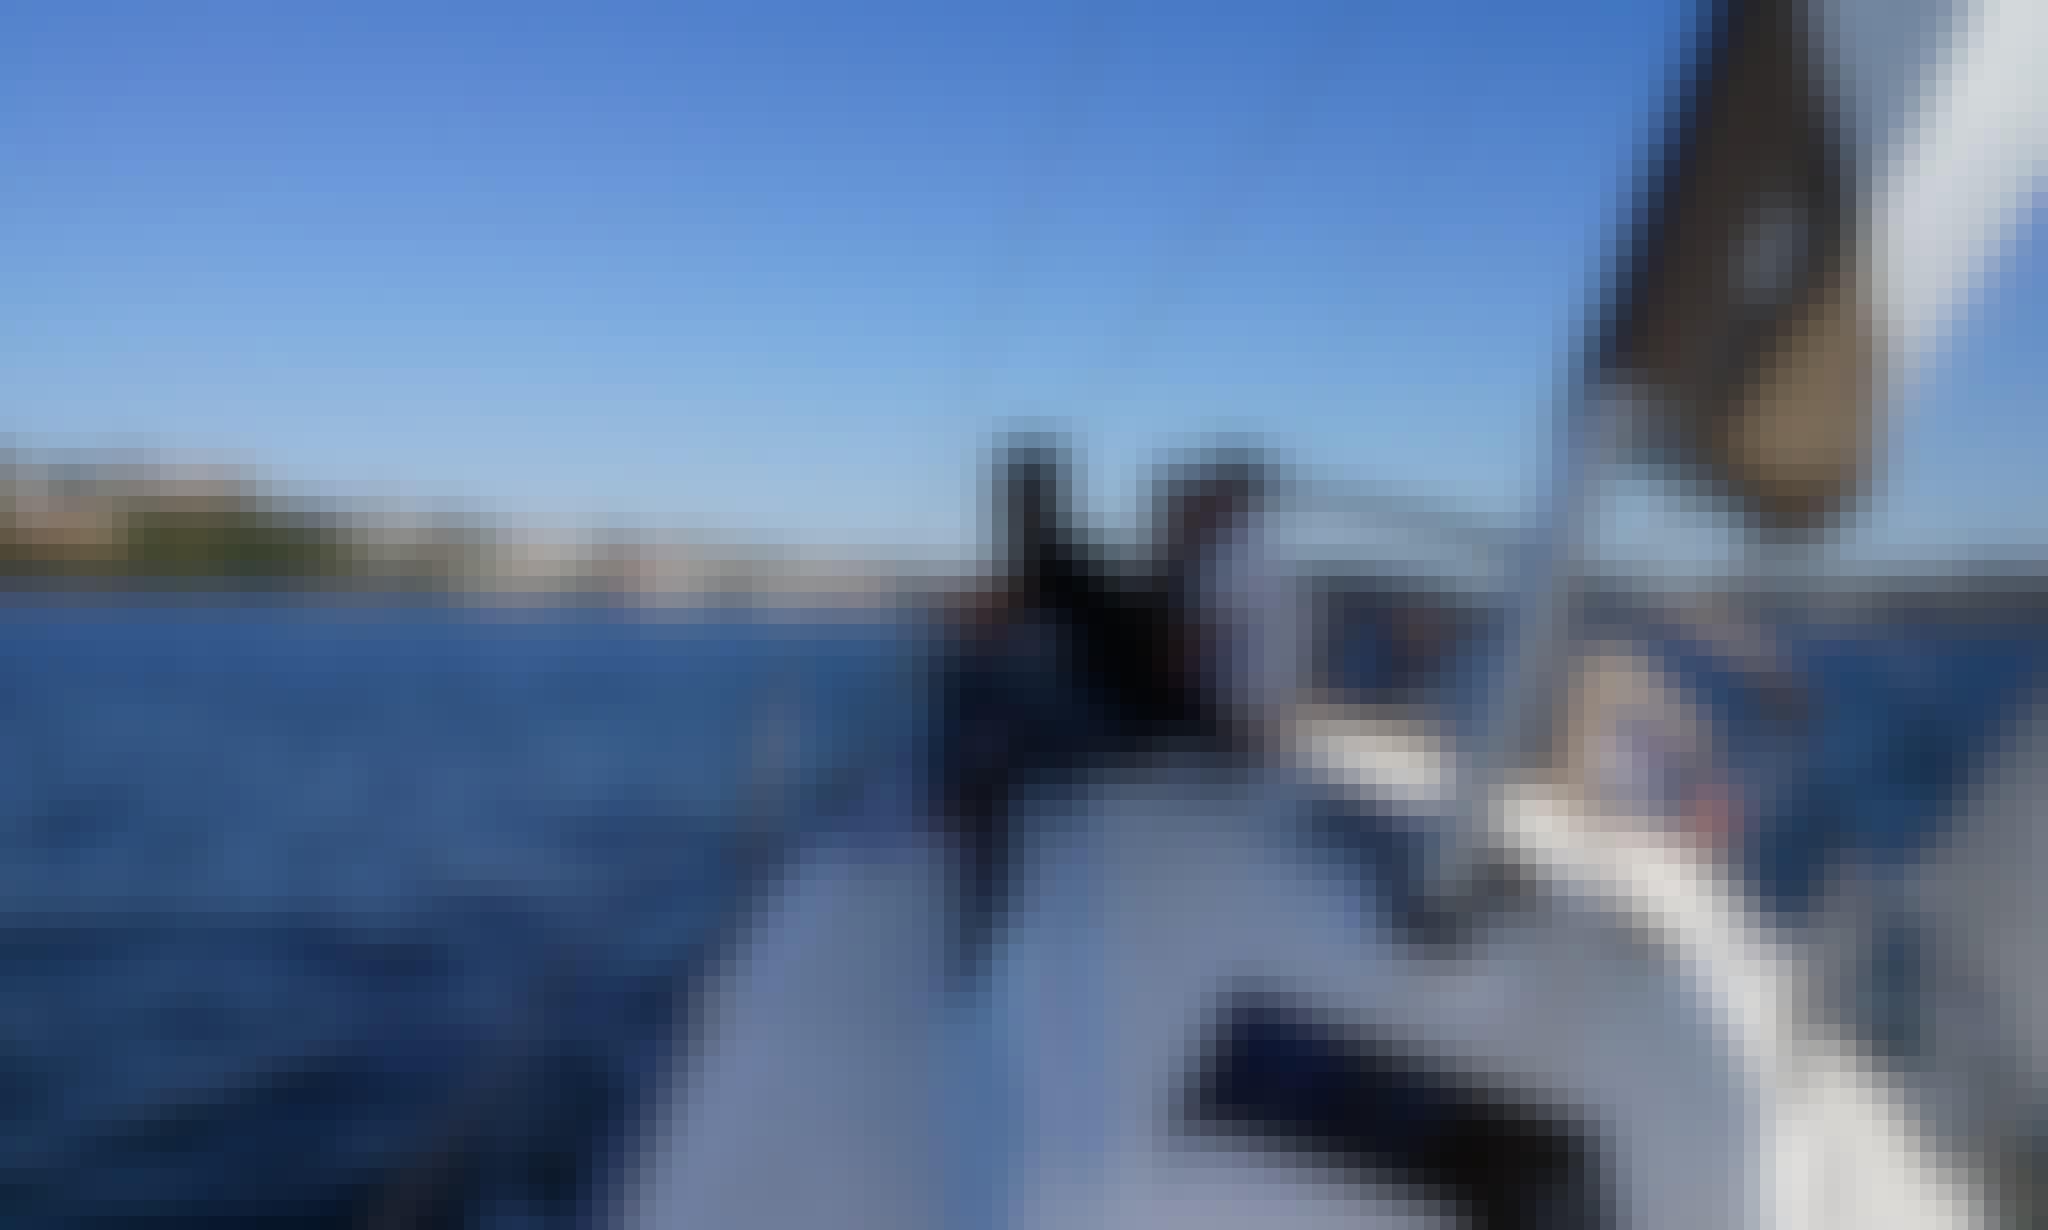 Bavaria Cruiser 33 for Charter & Overnight Stay